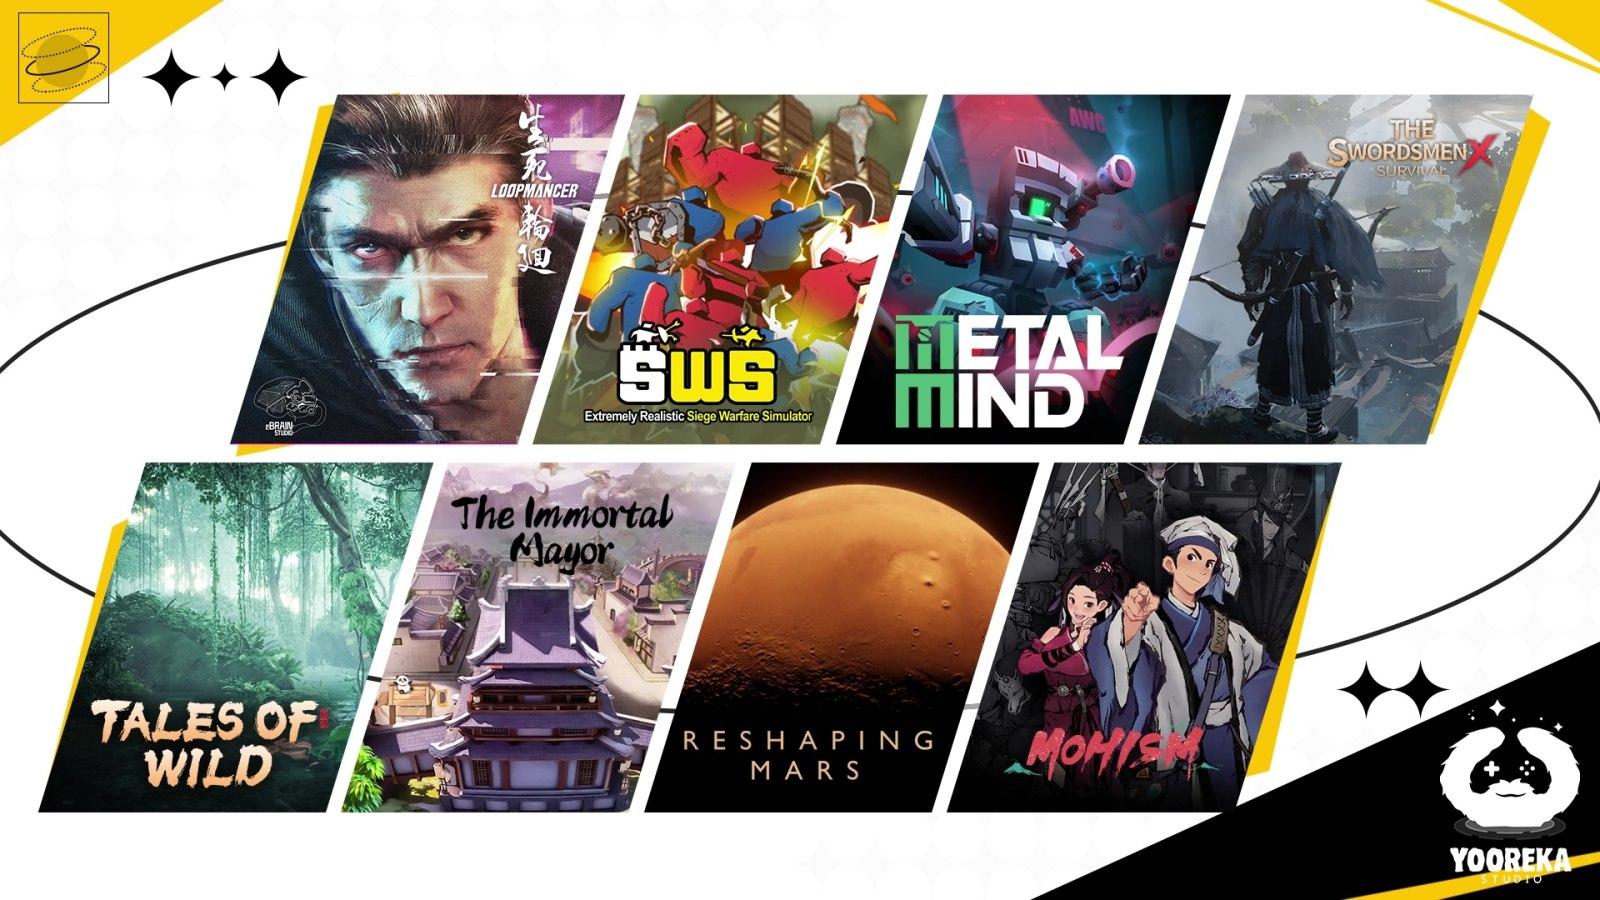 国内发行商游力卡游戏携8款国产游戏亮相2021 E3游戏展